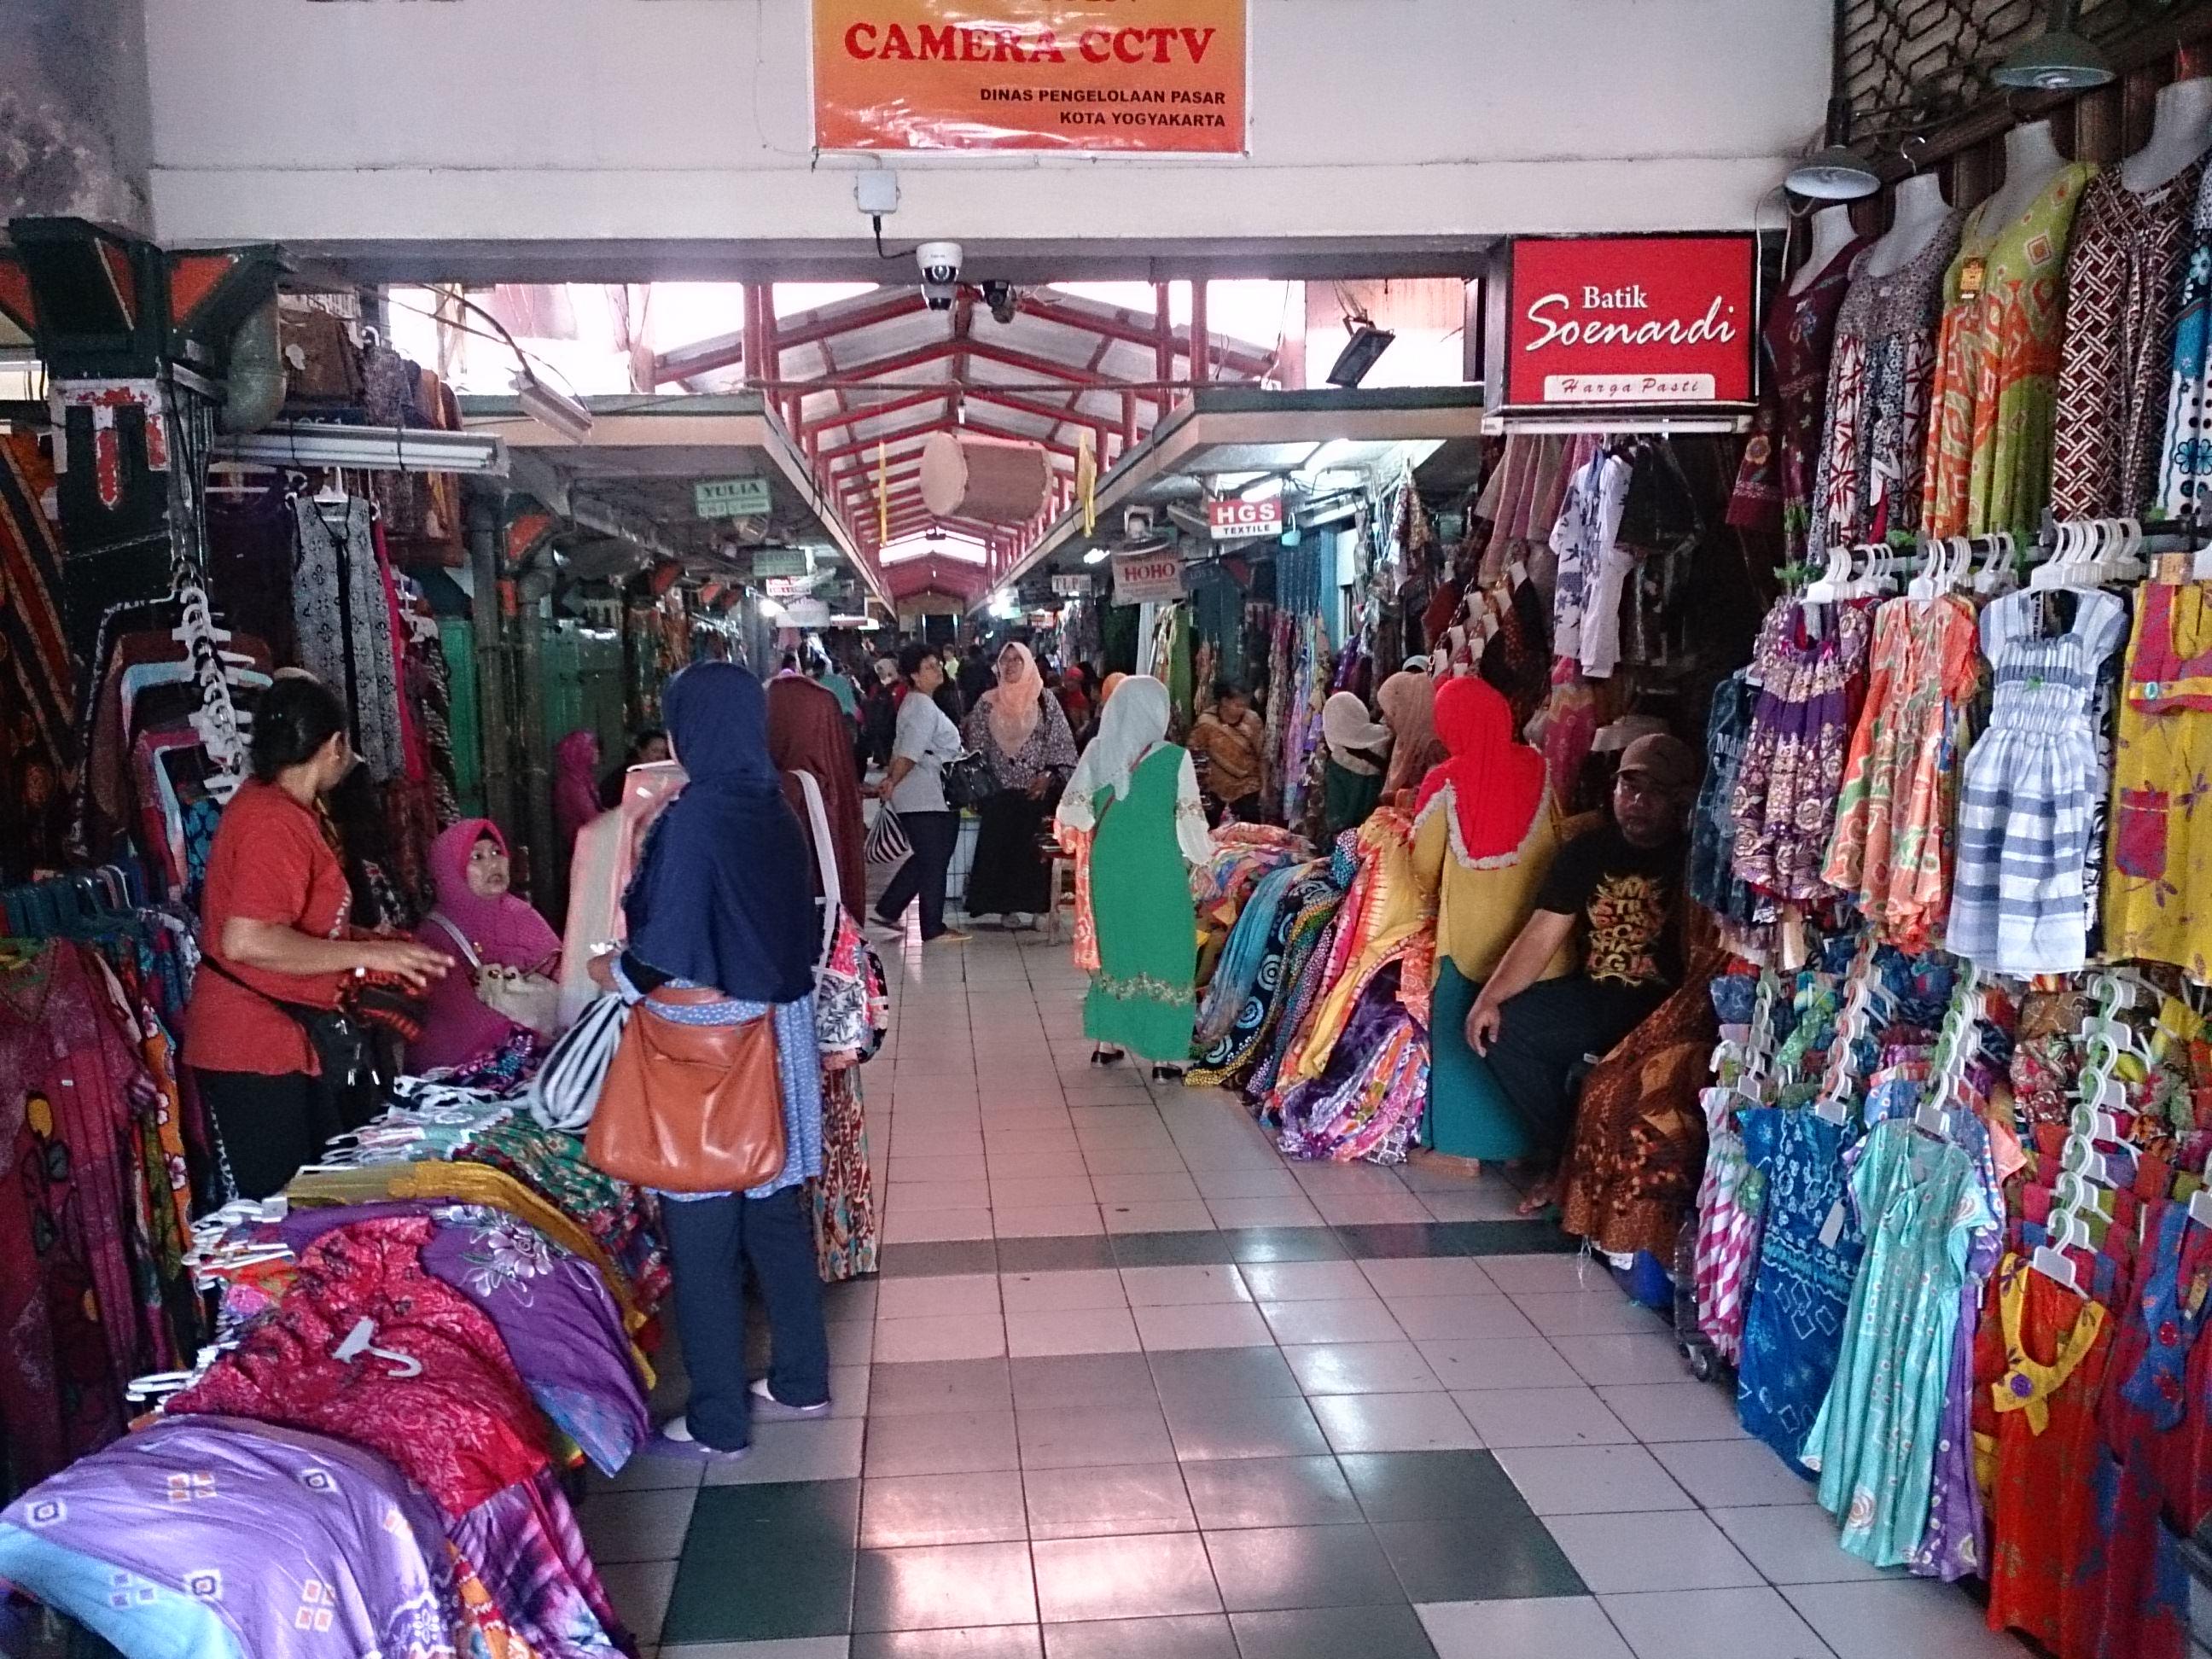 ブリンハルジョ市場とパク・アラマン王宮